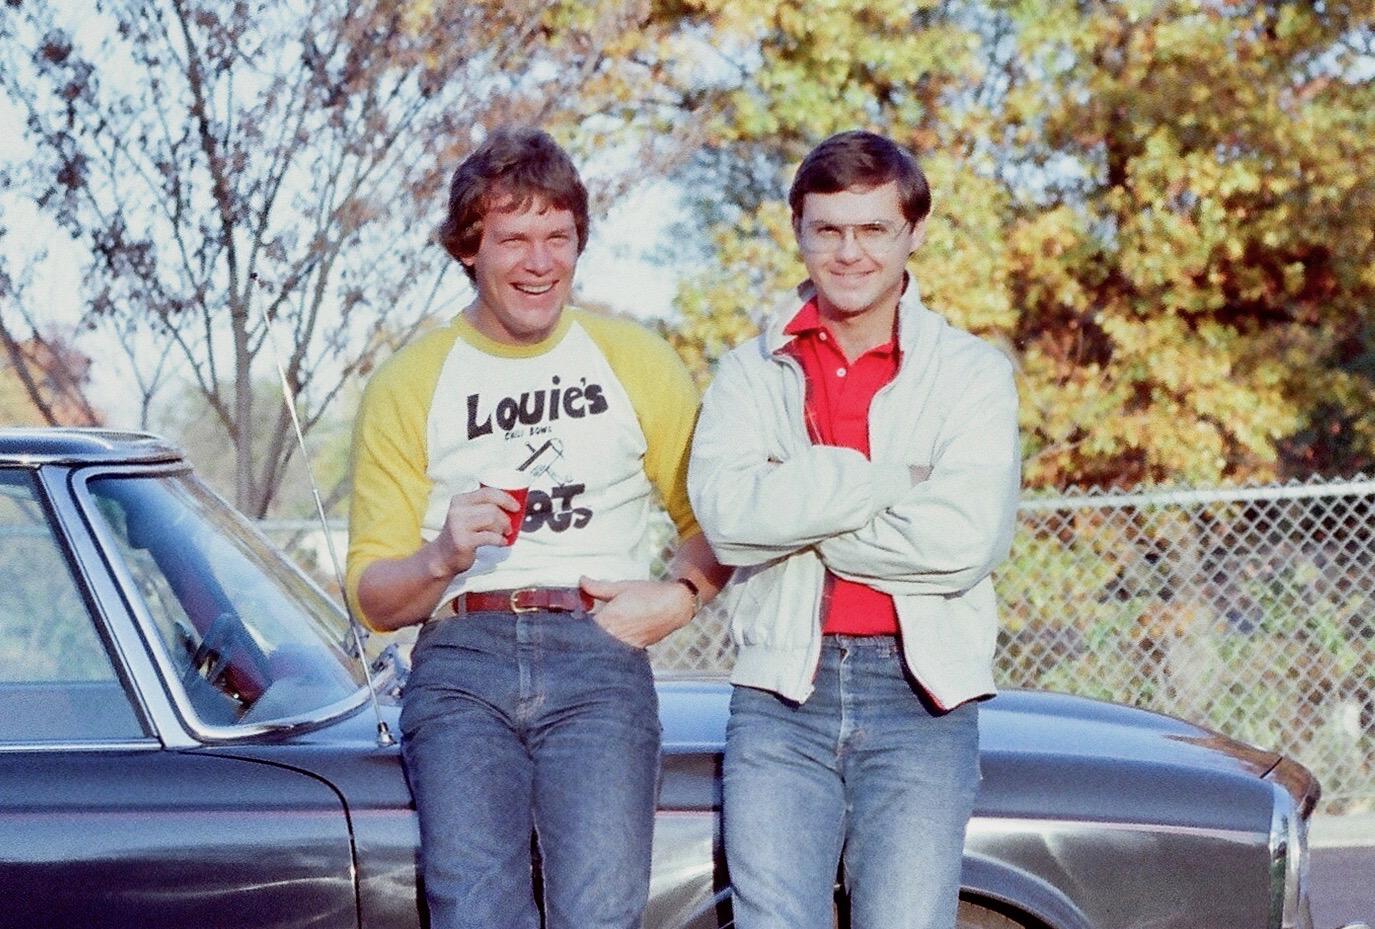 Lou Jullien and Ralph Cissne